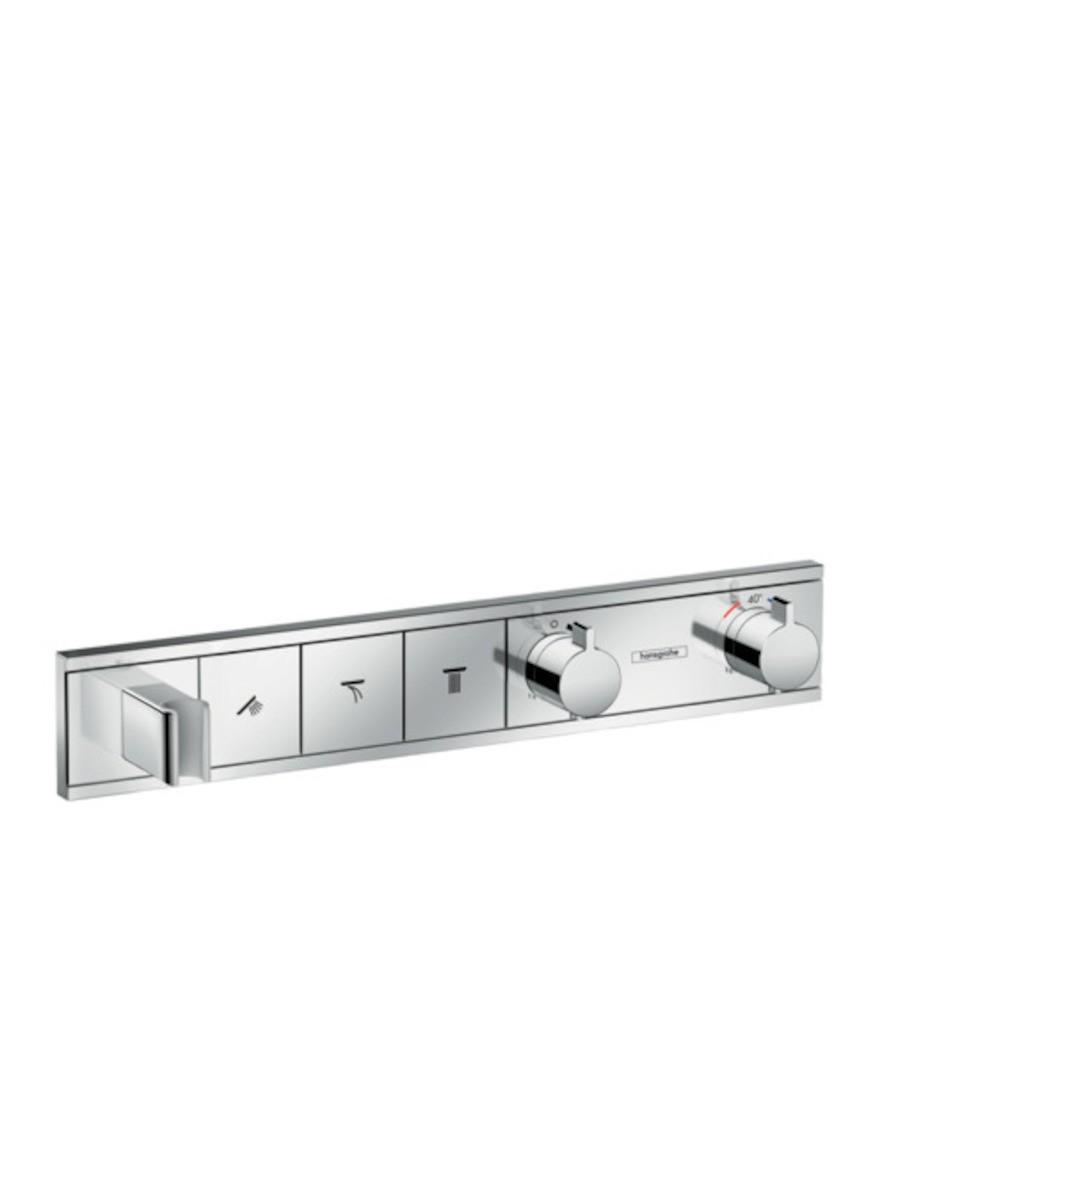 Sprchová baterie Hansgrohe Rainselect bez podomítkového tělesa chrom 15356000